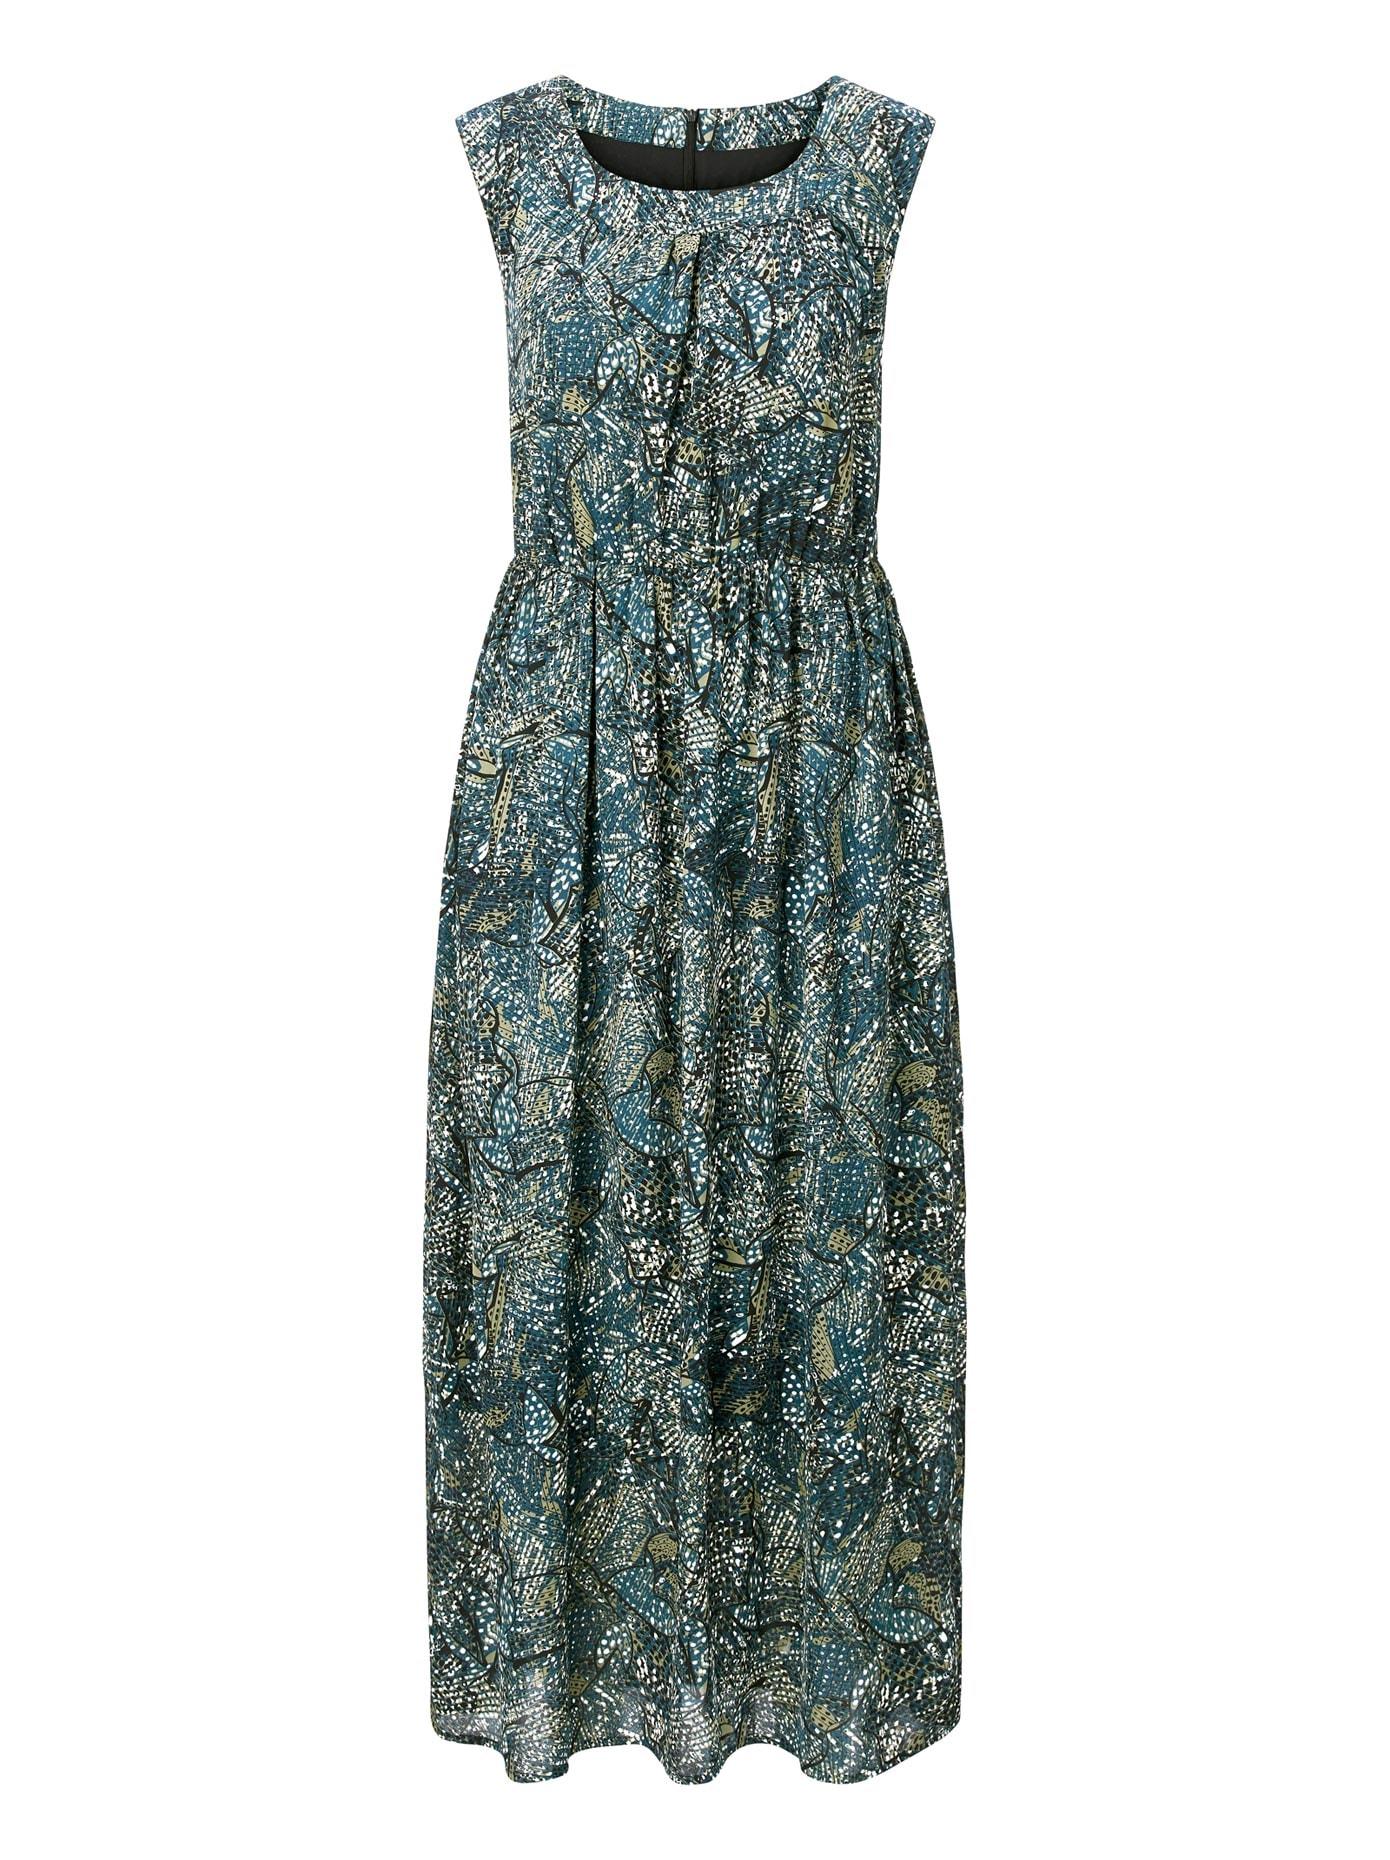 Classic Inspirationen Kleid in fließender luftiger Georgette-Qualität